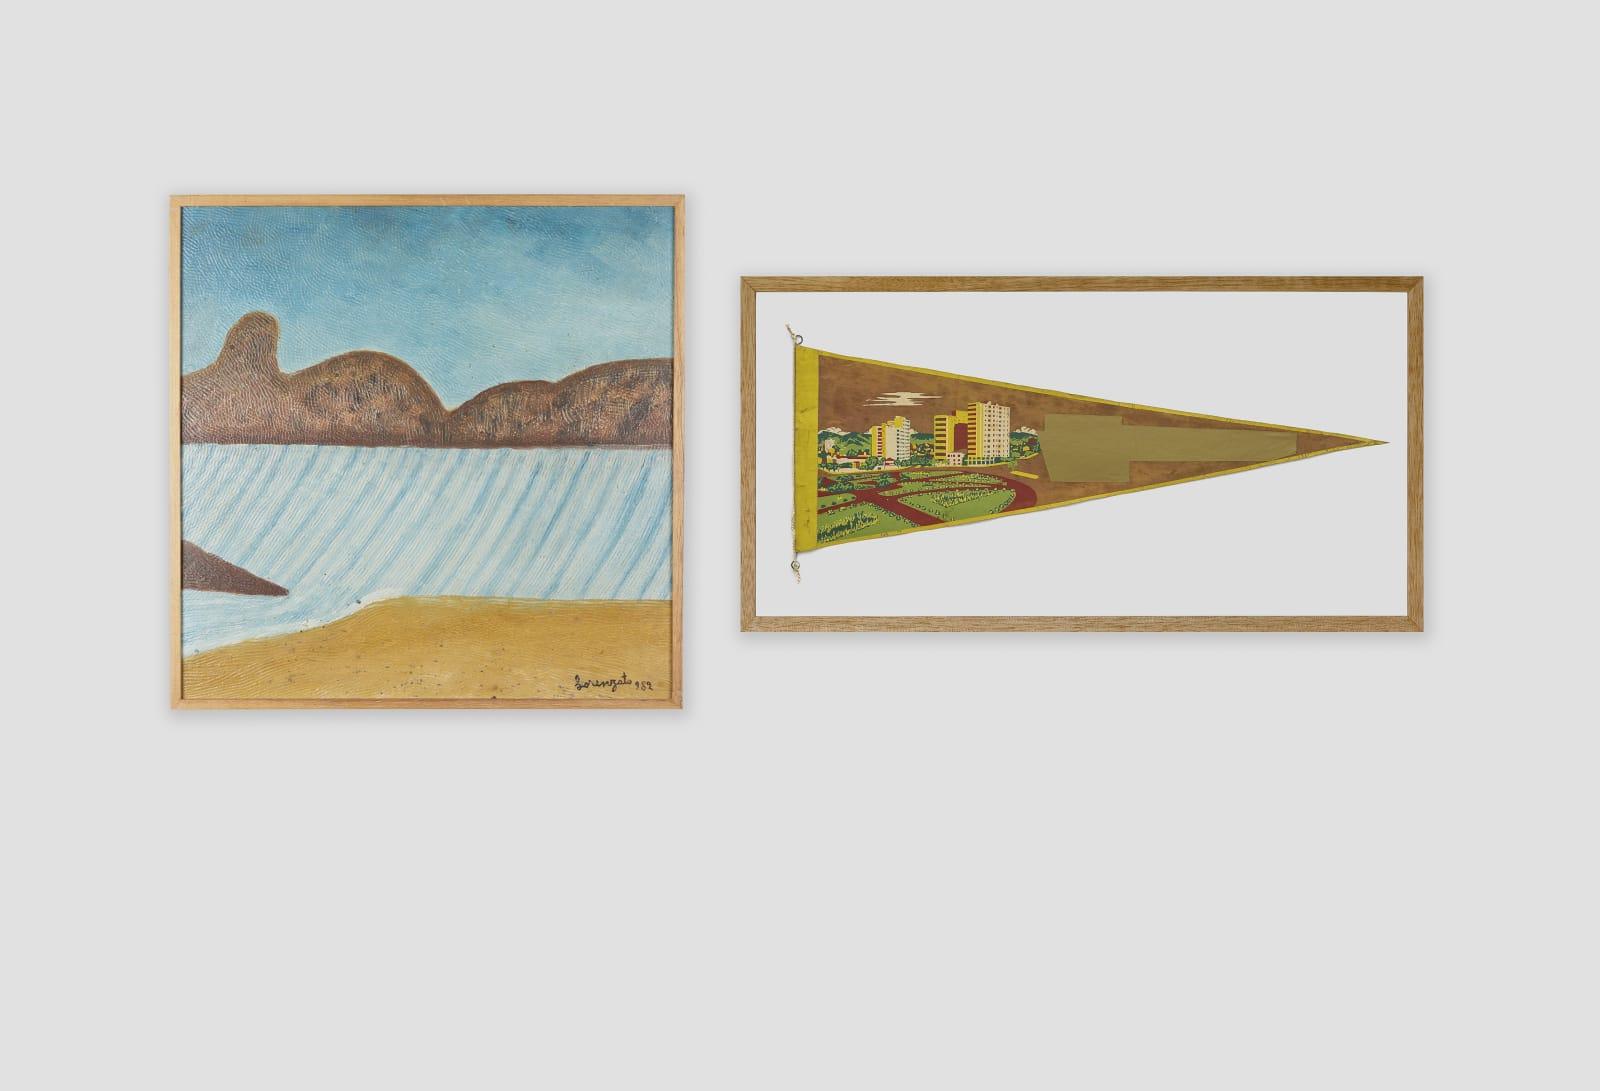 LORENZATO Marinha, 1982 Óleo sobre tela e madeira 46,5 x 46,5 cm BRUNO FARIA Lembranças de Paisagem I Belo Horizonte, 2017 Pintura e serigrafia sobre tecido 32 x 61,5 cm